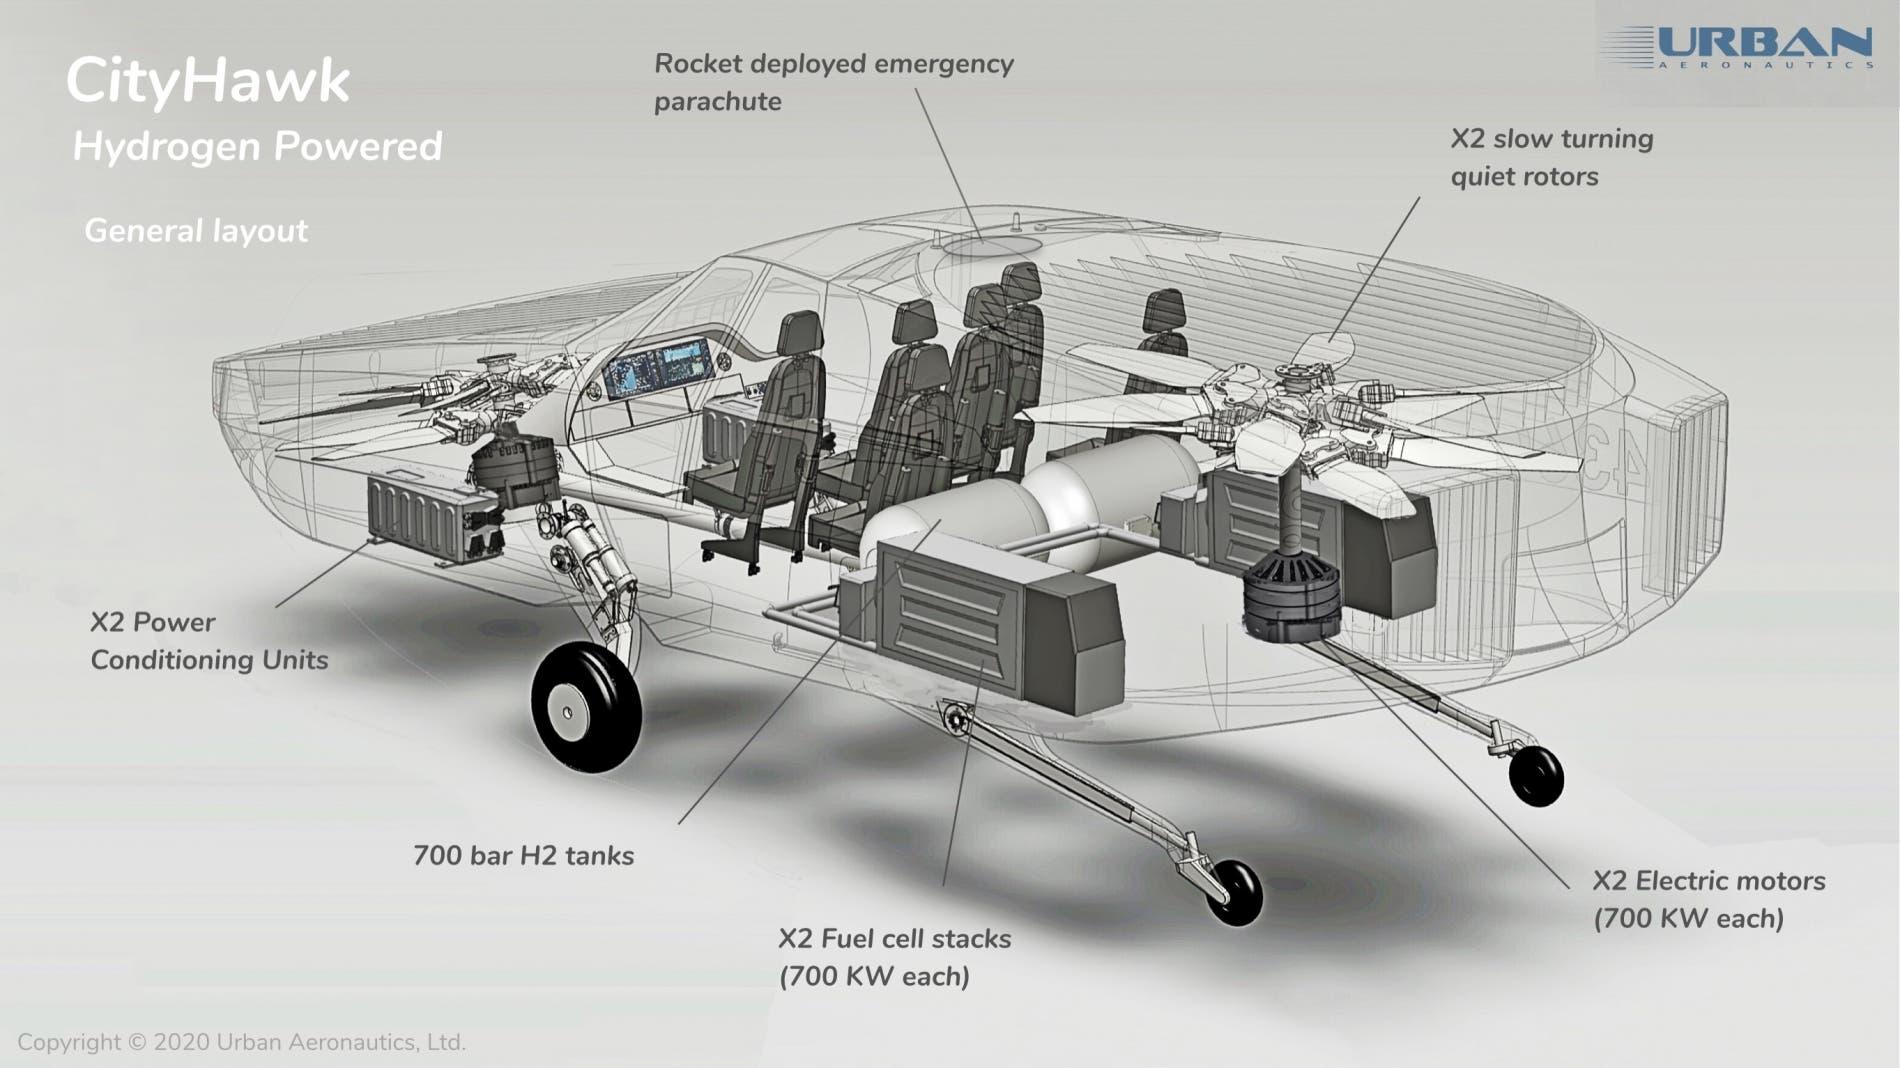 La tecnología de pila de combustible impulsa el CityHawk